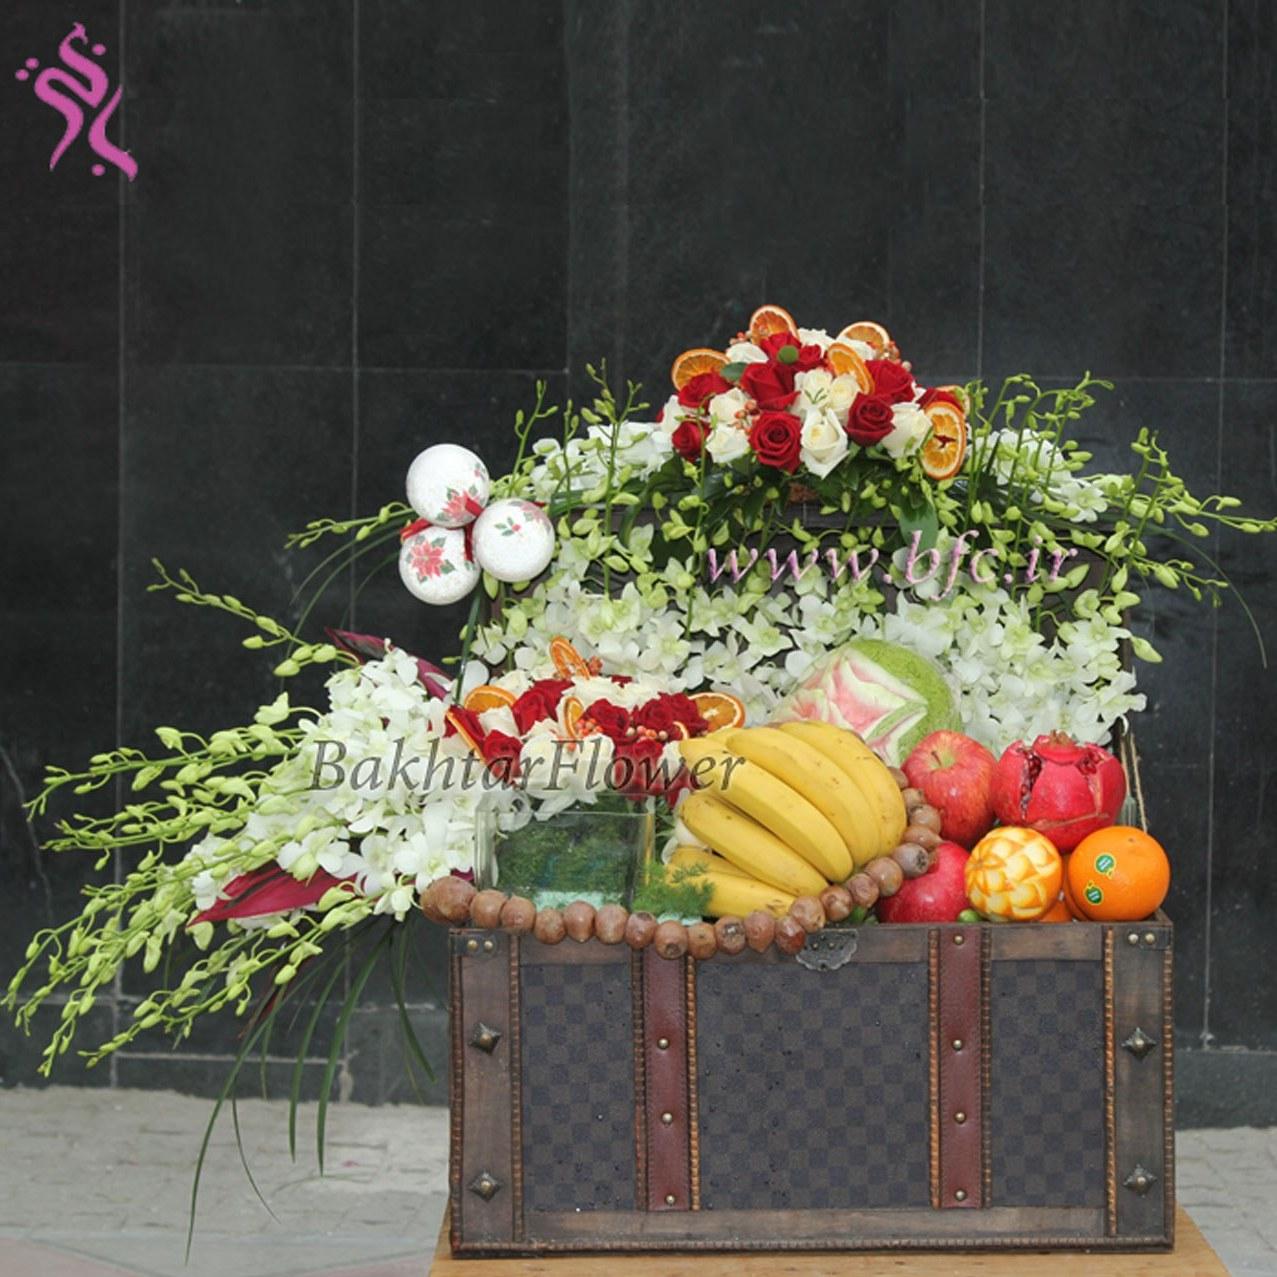 صندوقچه ی میوه و گل ویژه شب یلدا |